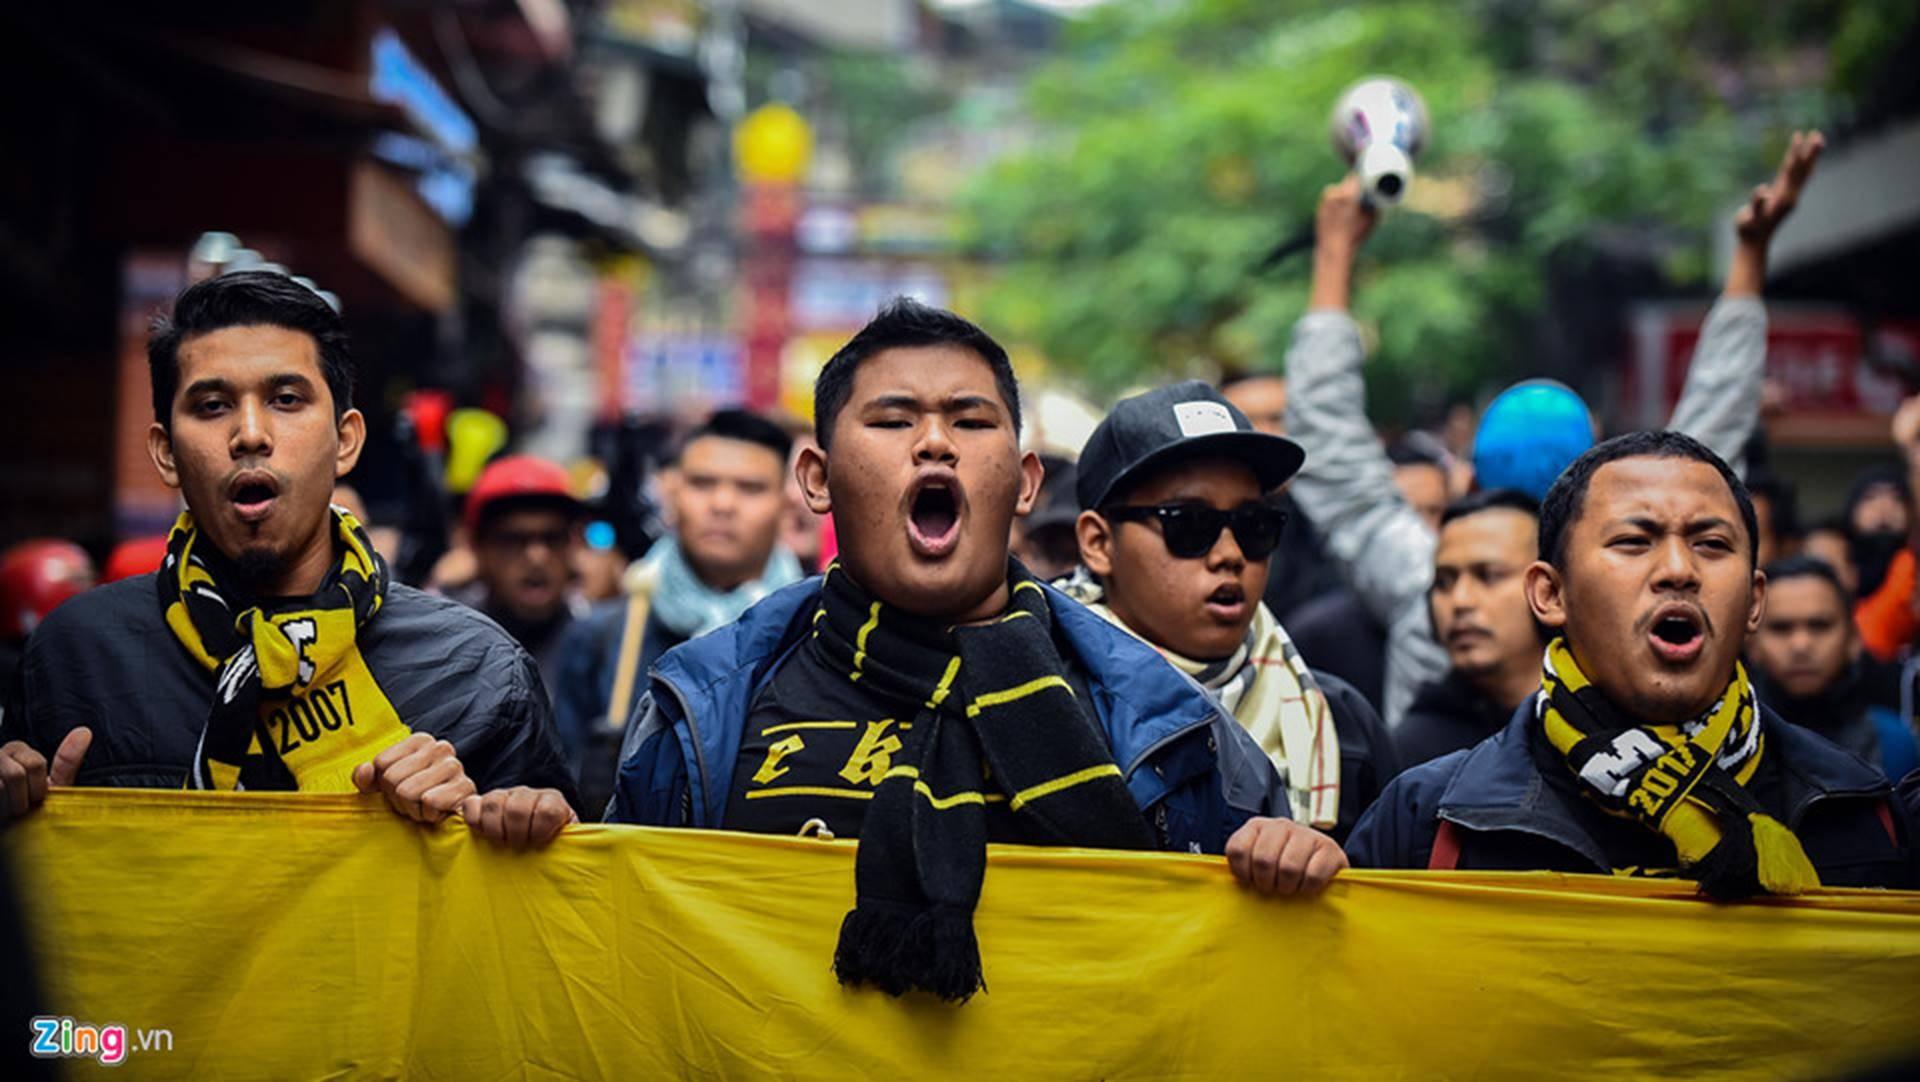 CĐV Malaysia náo loạn phố cổ Hà Nội trước trận chung kết-4